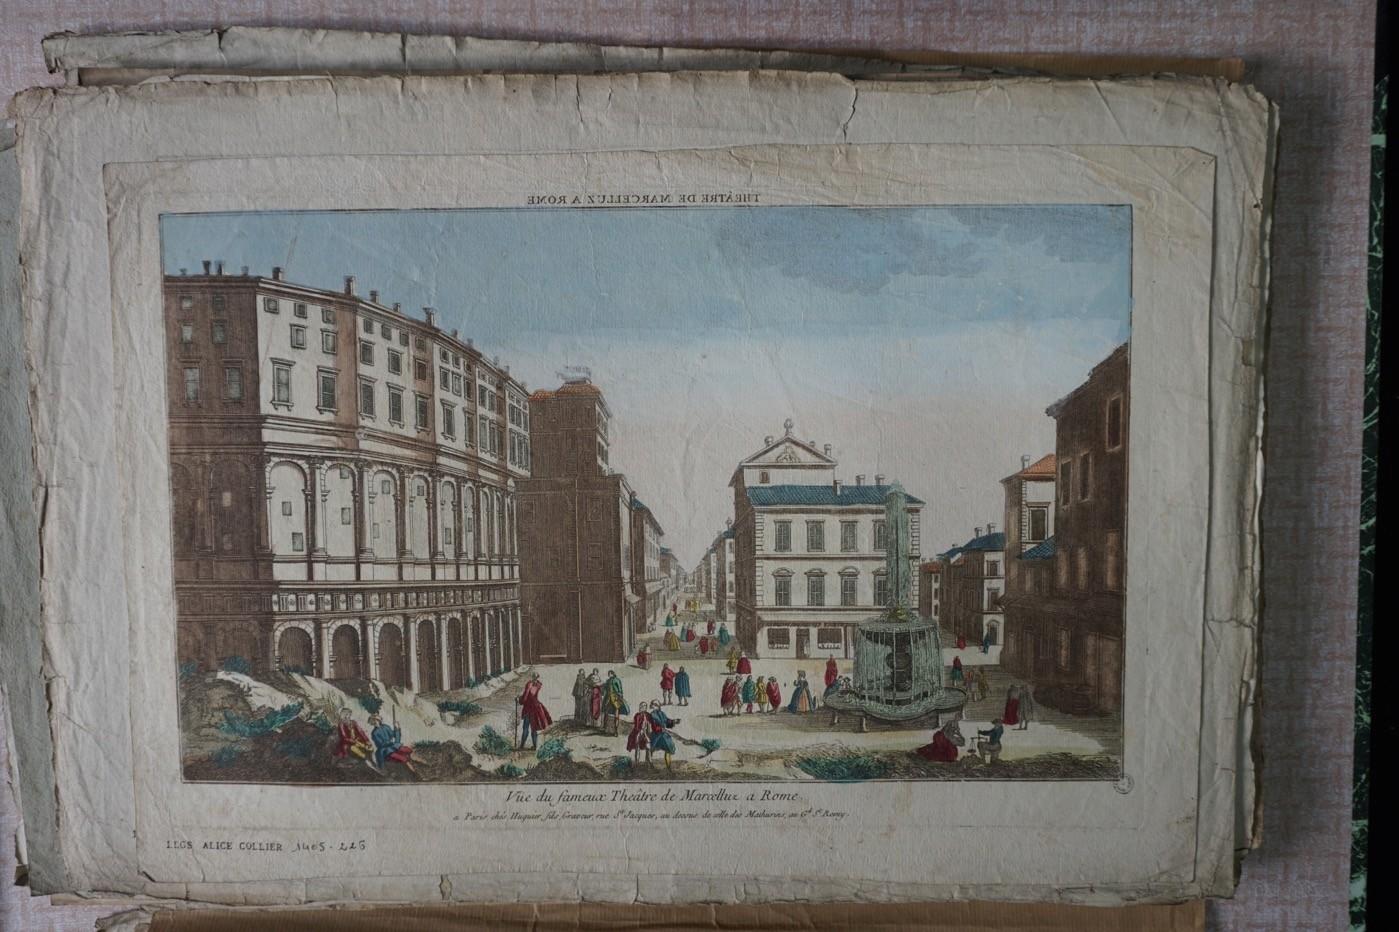 Rome, théâtre de Marcellus